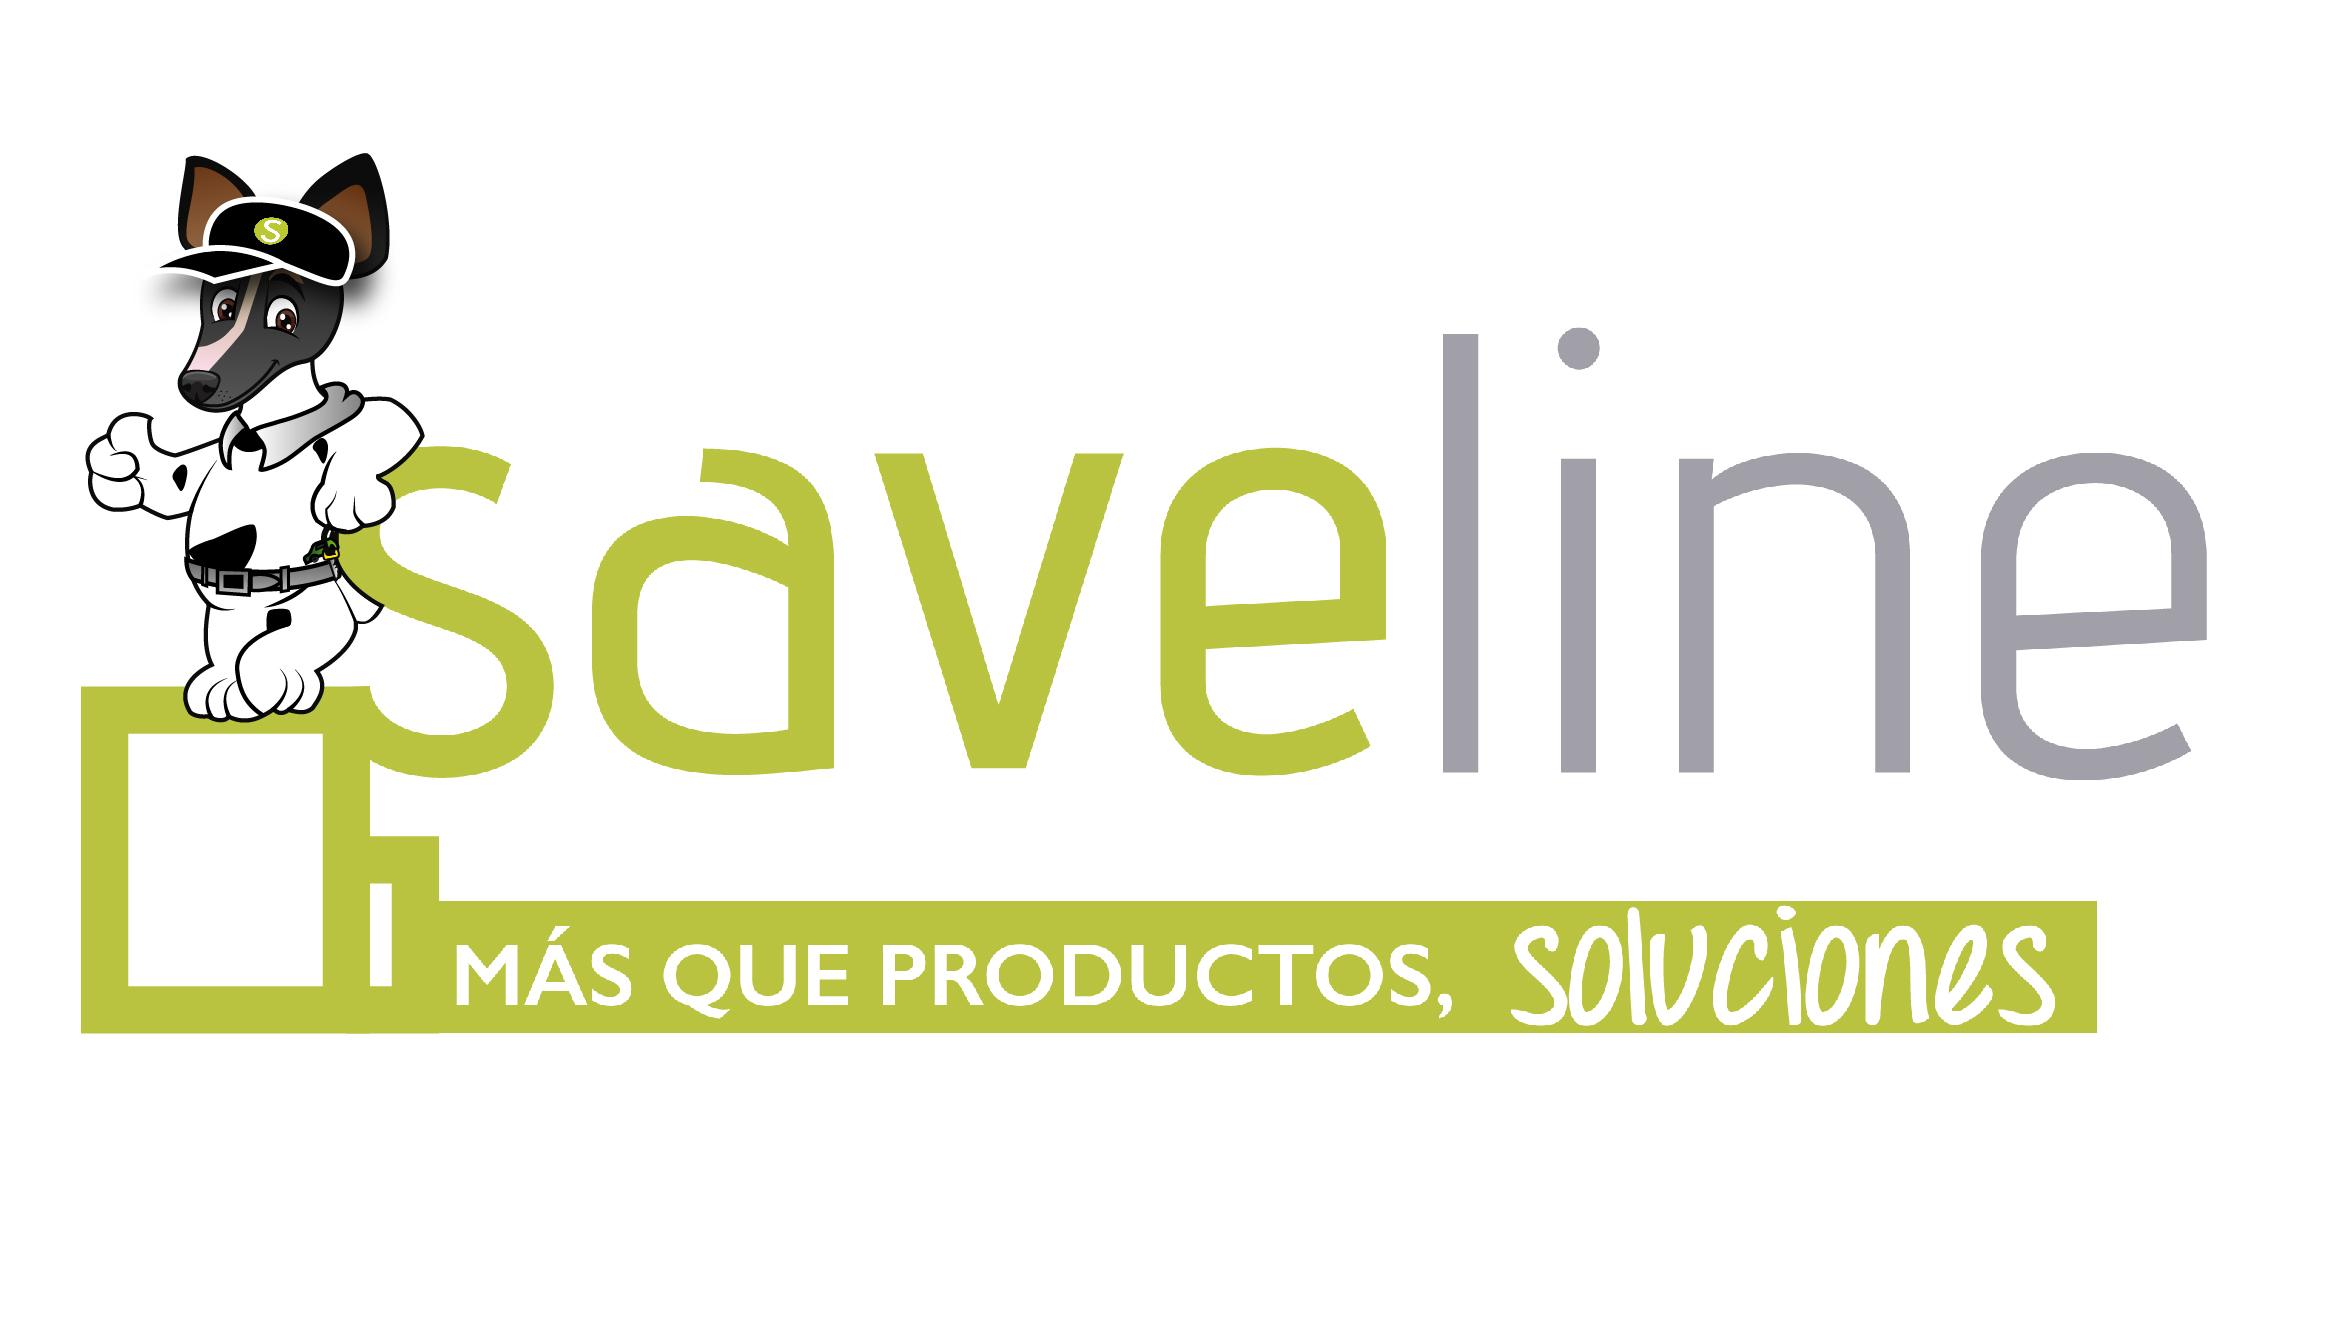 Saveline